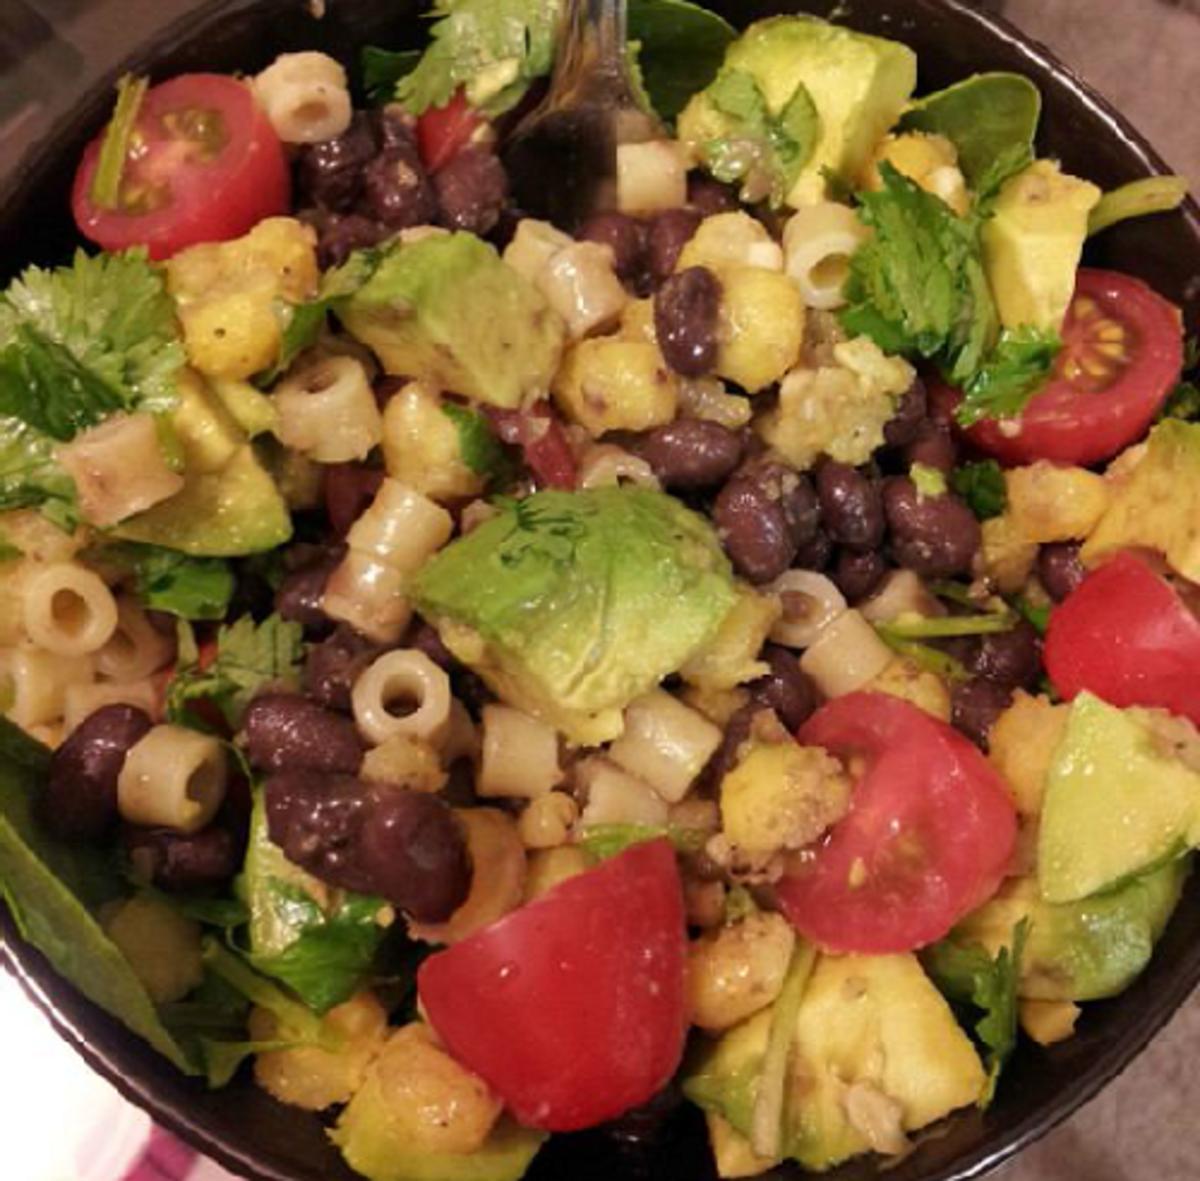 4 Healthy Vegan Recipes: Pasta Salad, Taco Salad, and Soups